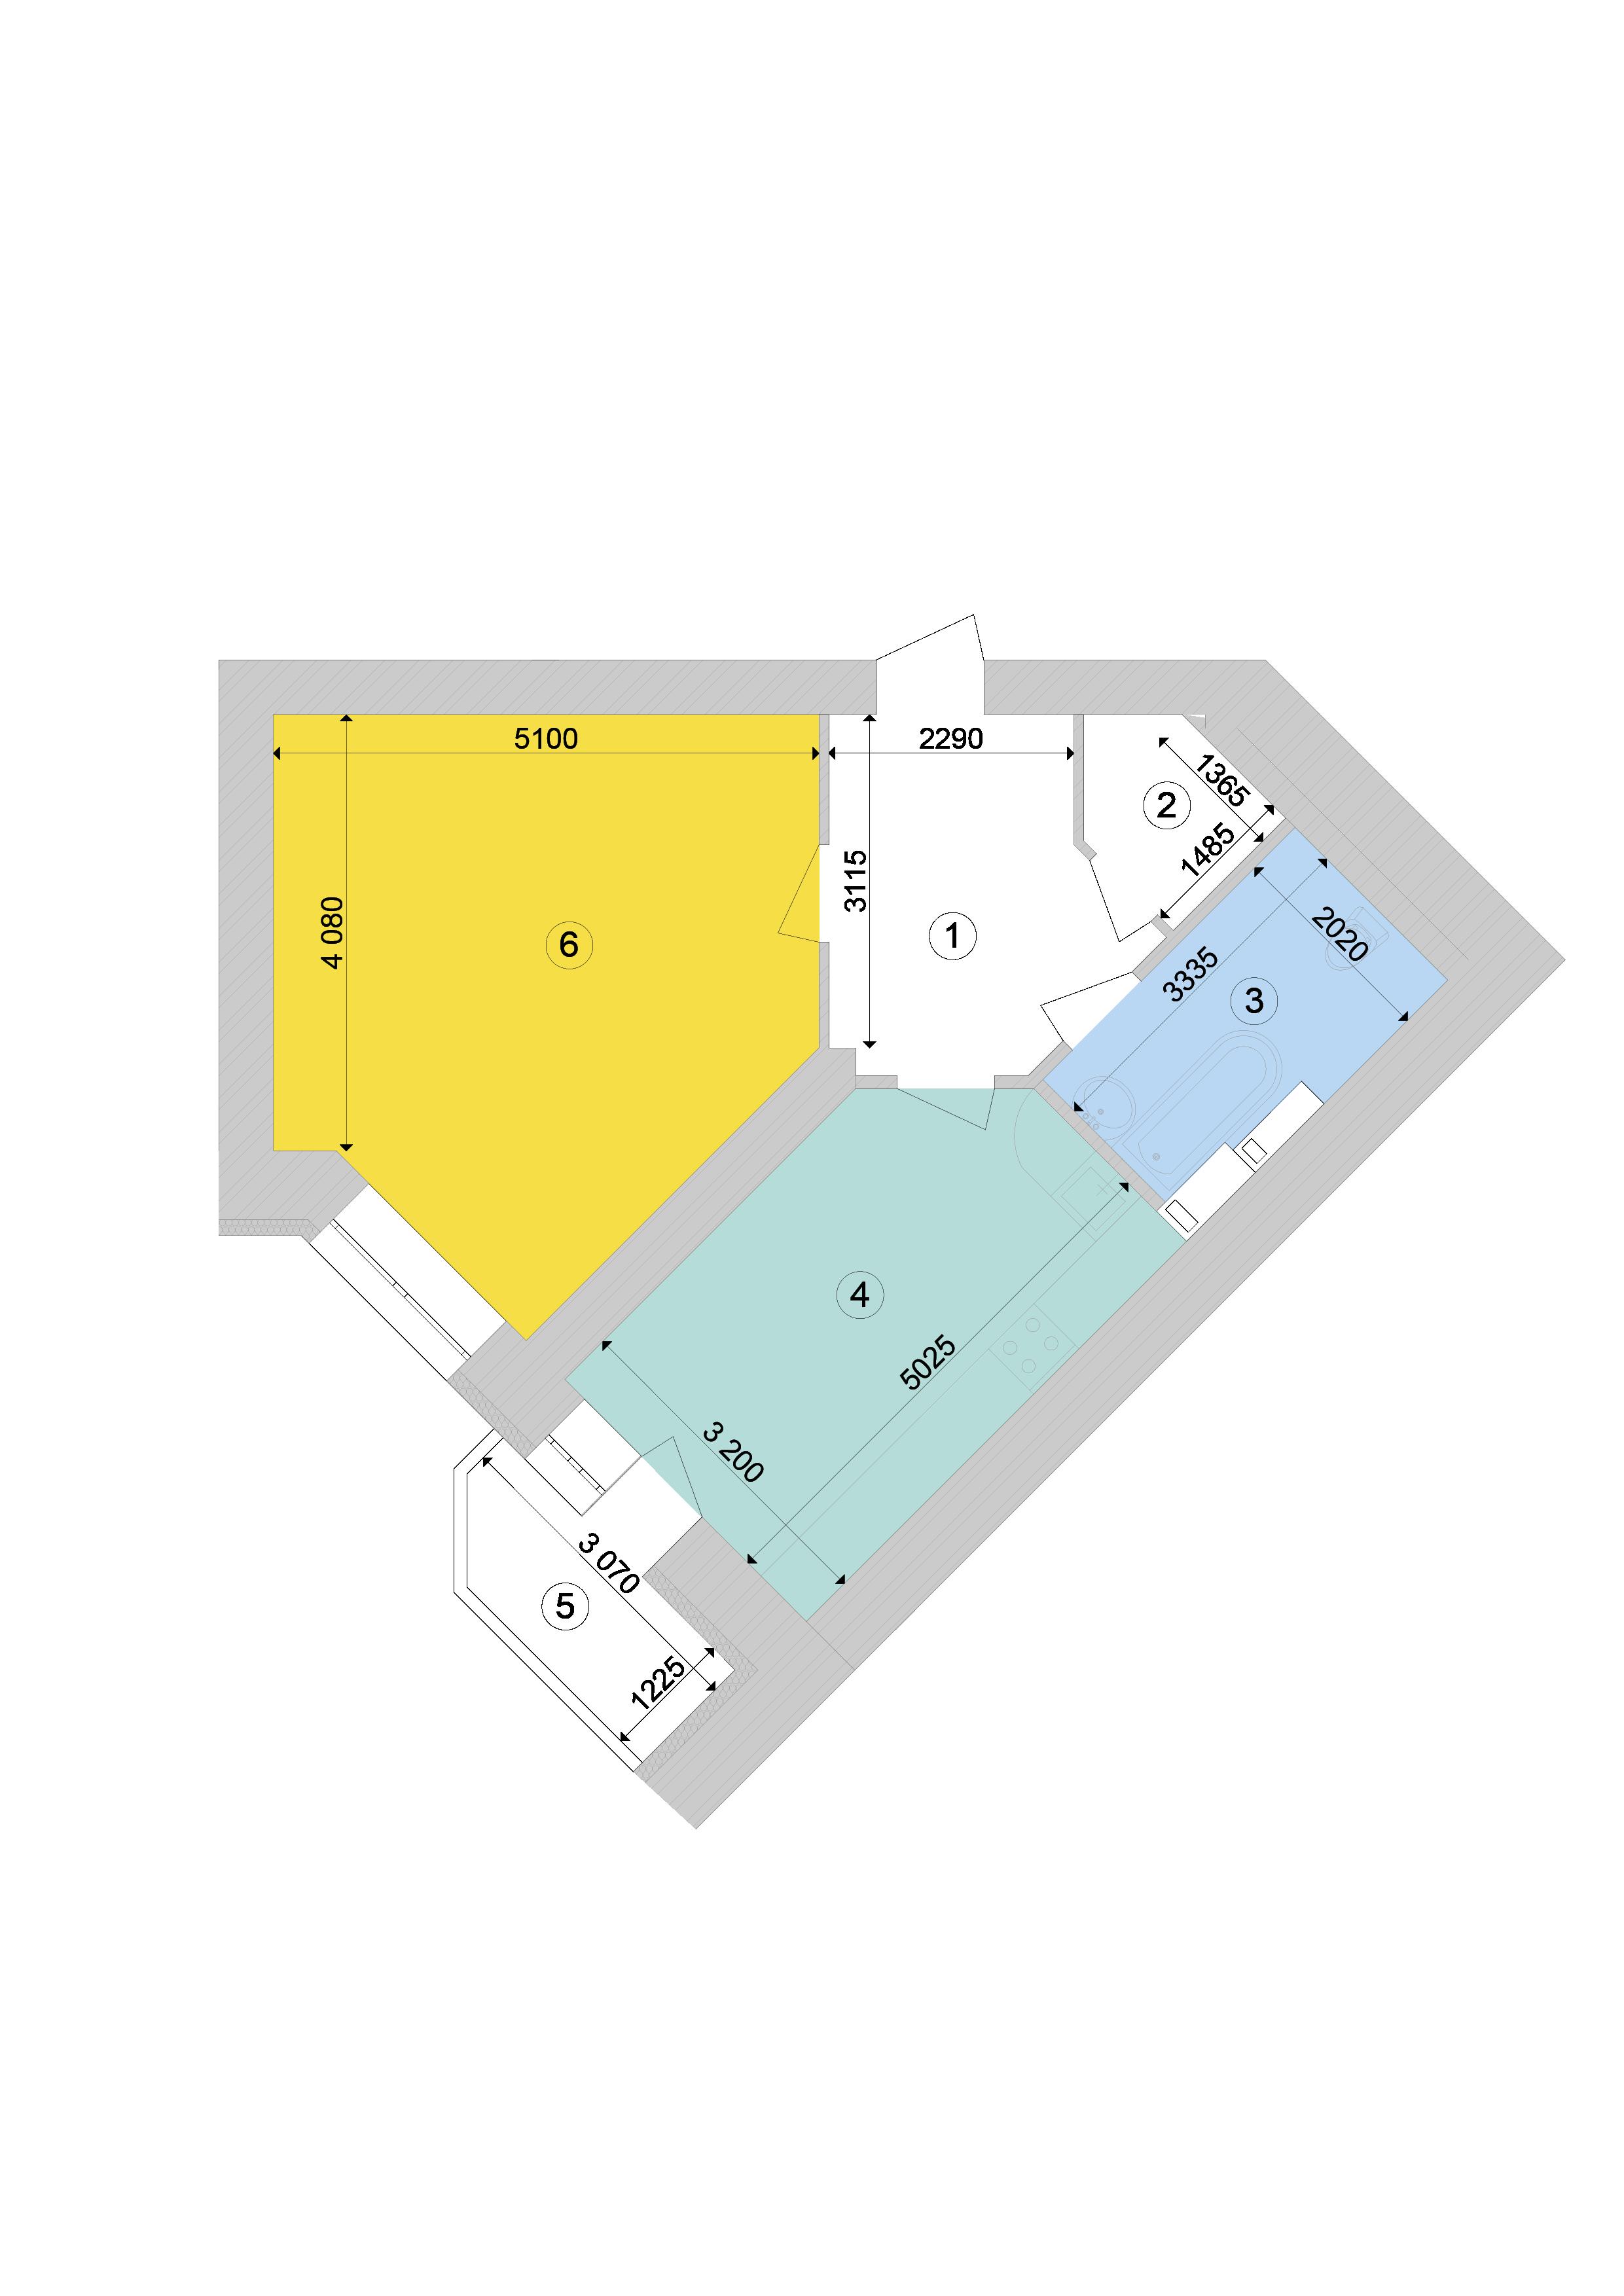 Купити Однокімнатна квартира 55,76 кв.м., тип 1.2, будинок 1, секція 9 в Києві Голосіївський район